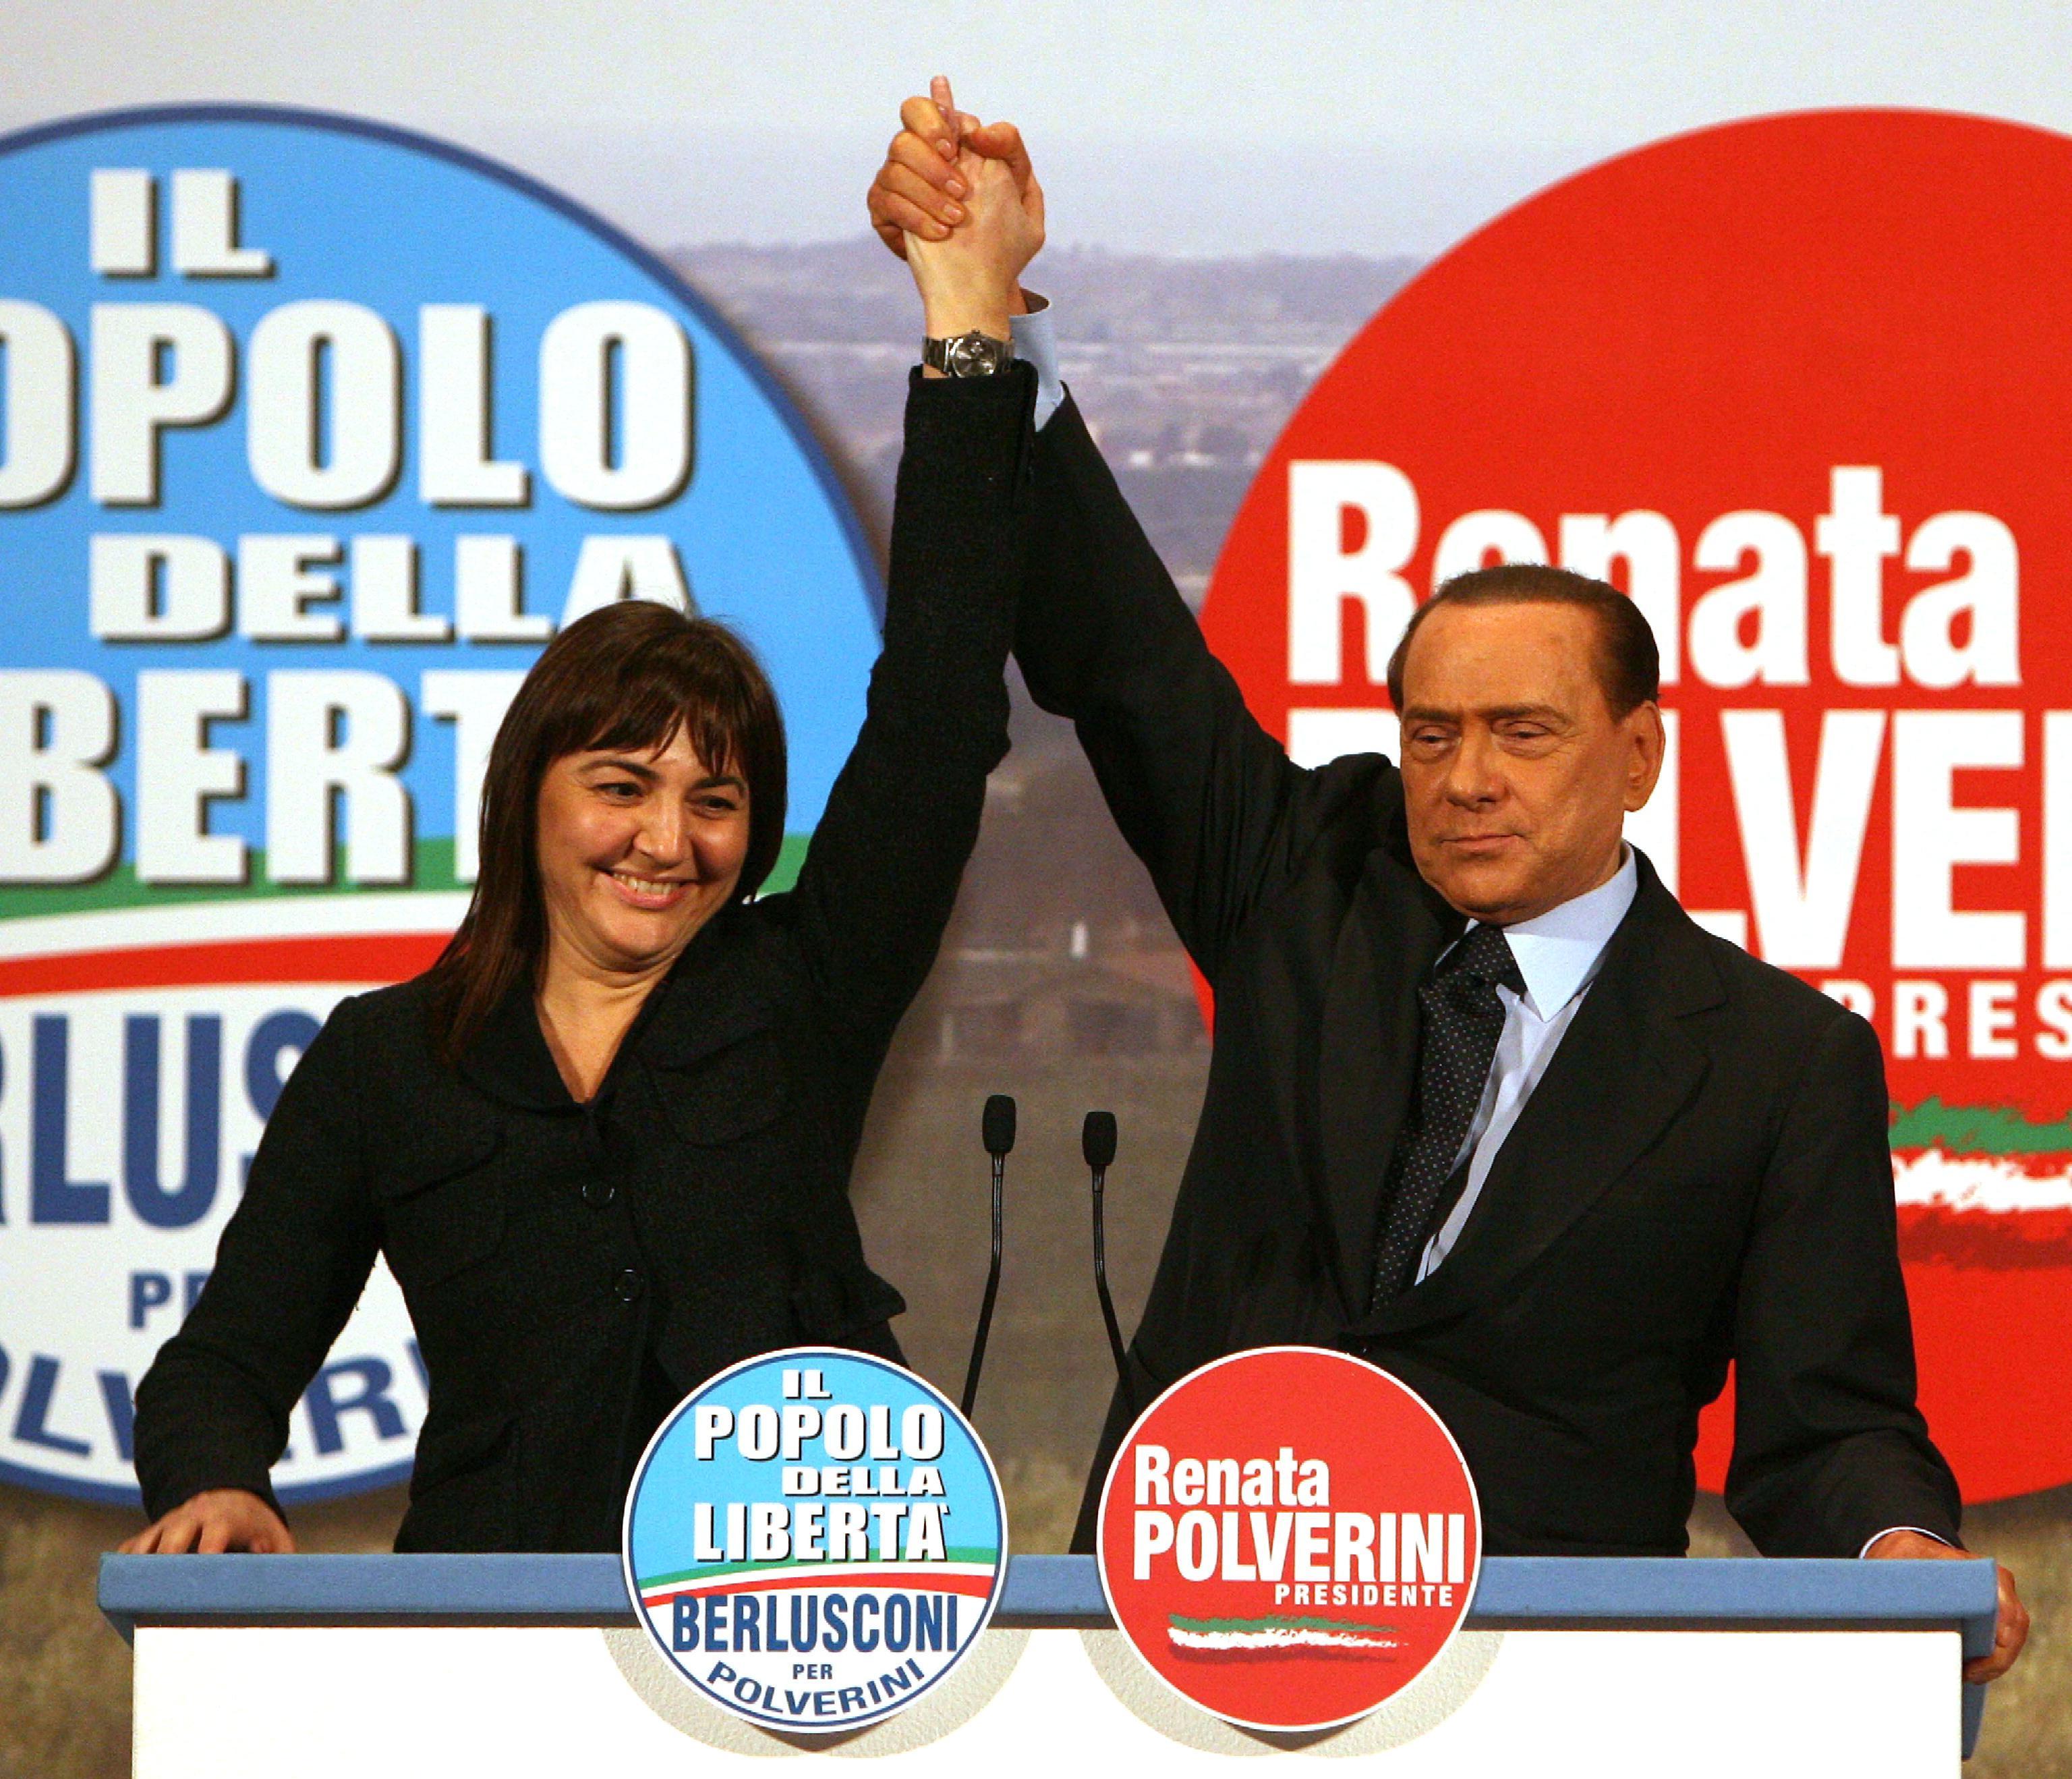 Polverini con Berlusconi